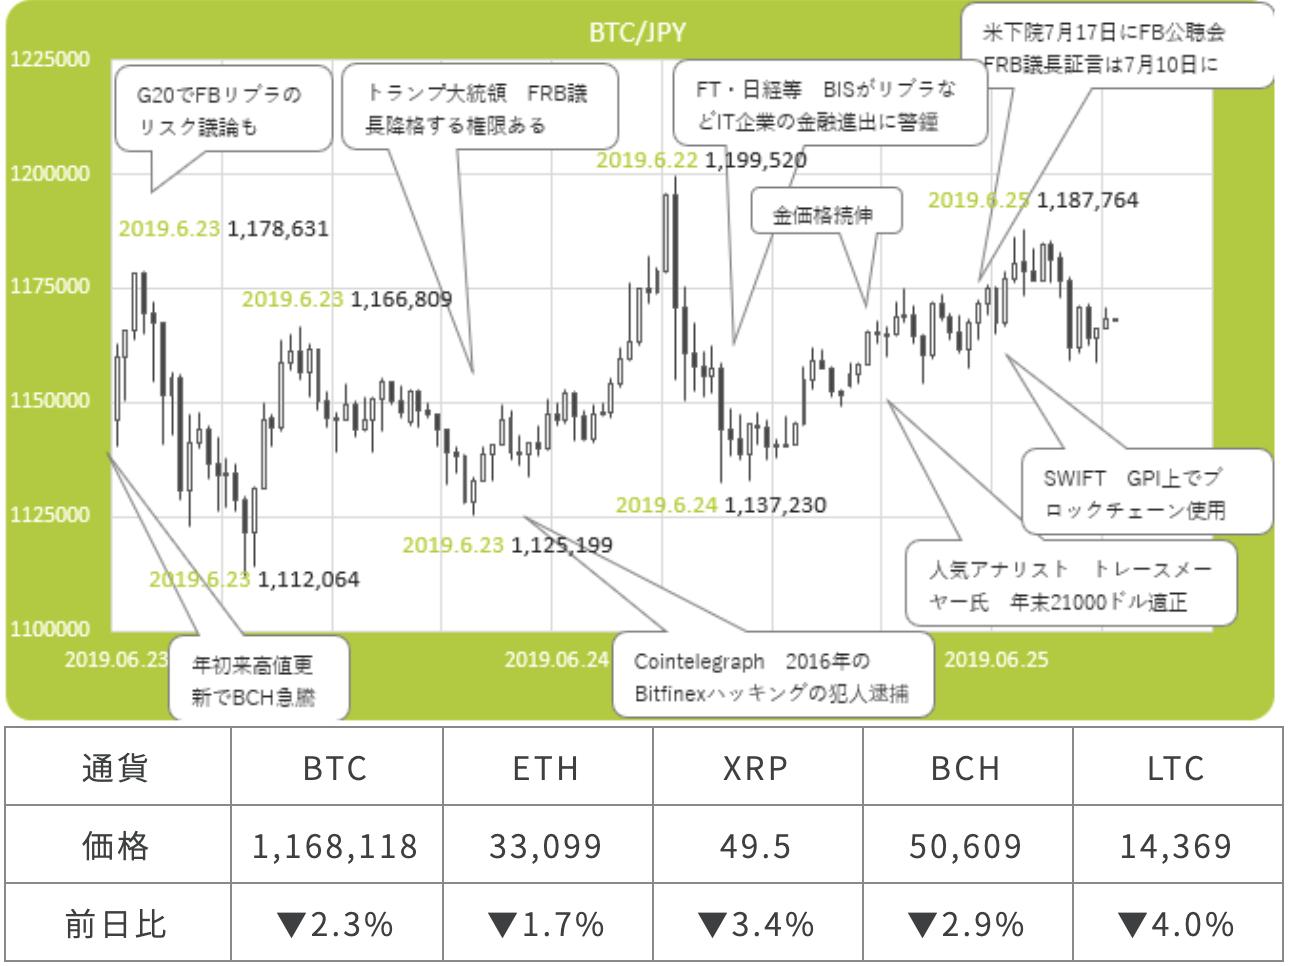 ビットコイン/円(BTCJPY)市況サマリー